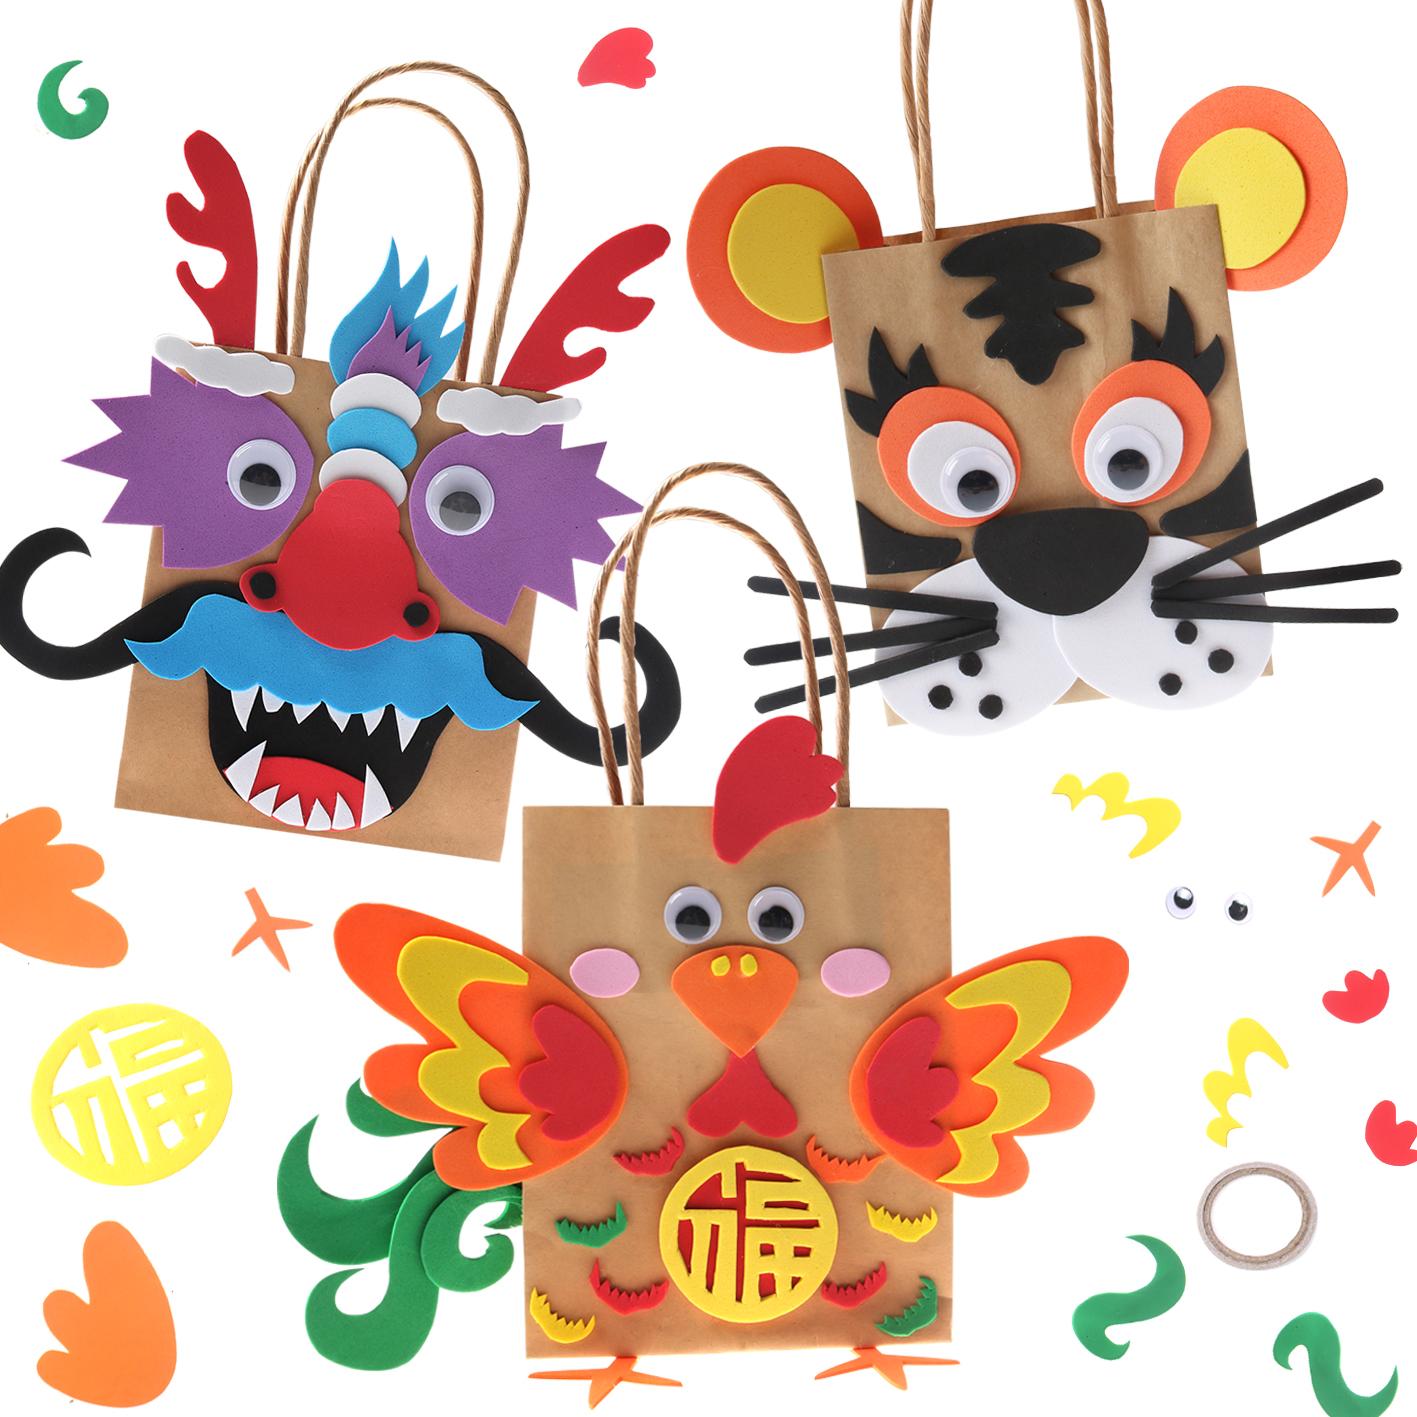 查看淘宝新年儿童diy手工材料包 卡通创意纸袋彩纸粘贴材料包 幼儿园